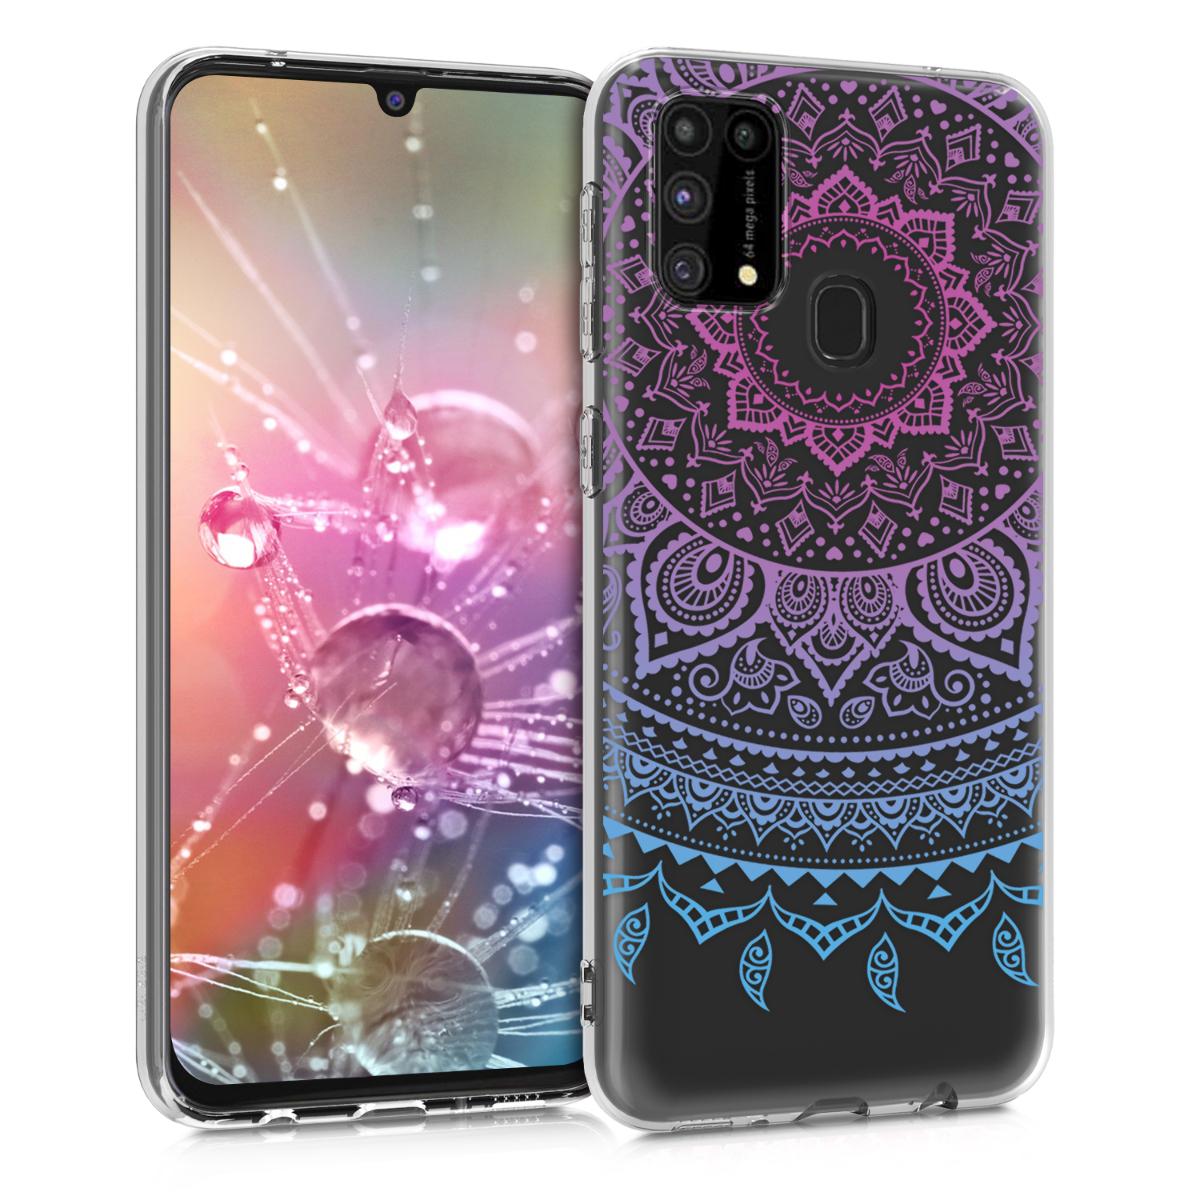 Kvalitní silikonové TPU pouzdro pro Samsung M31 - indické slunce modré / tmavě růžová / transparentní